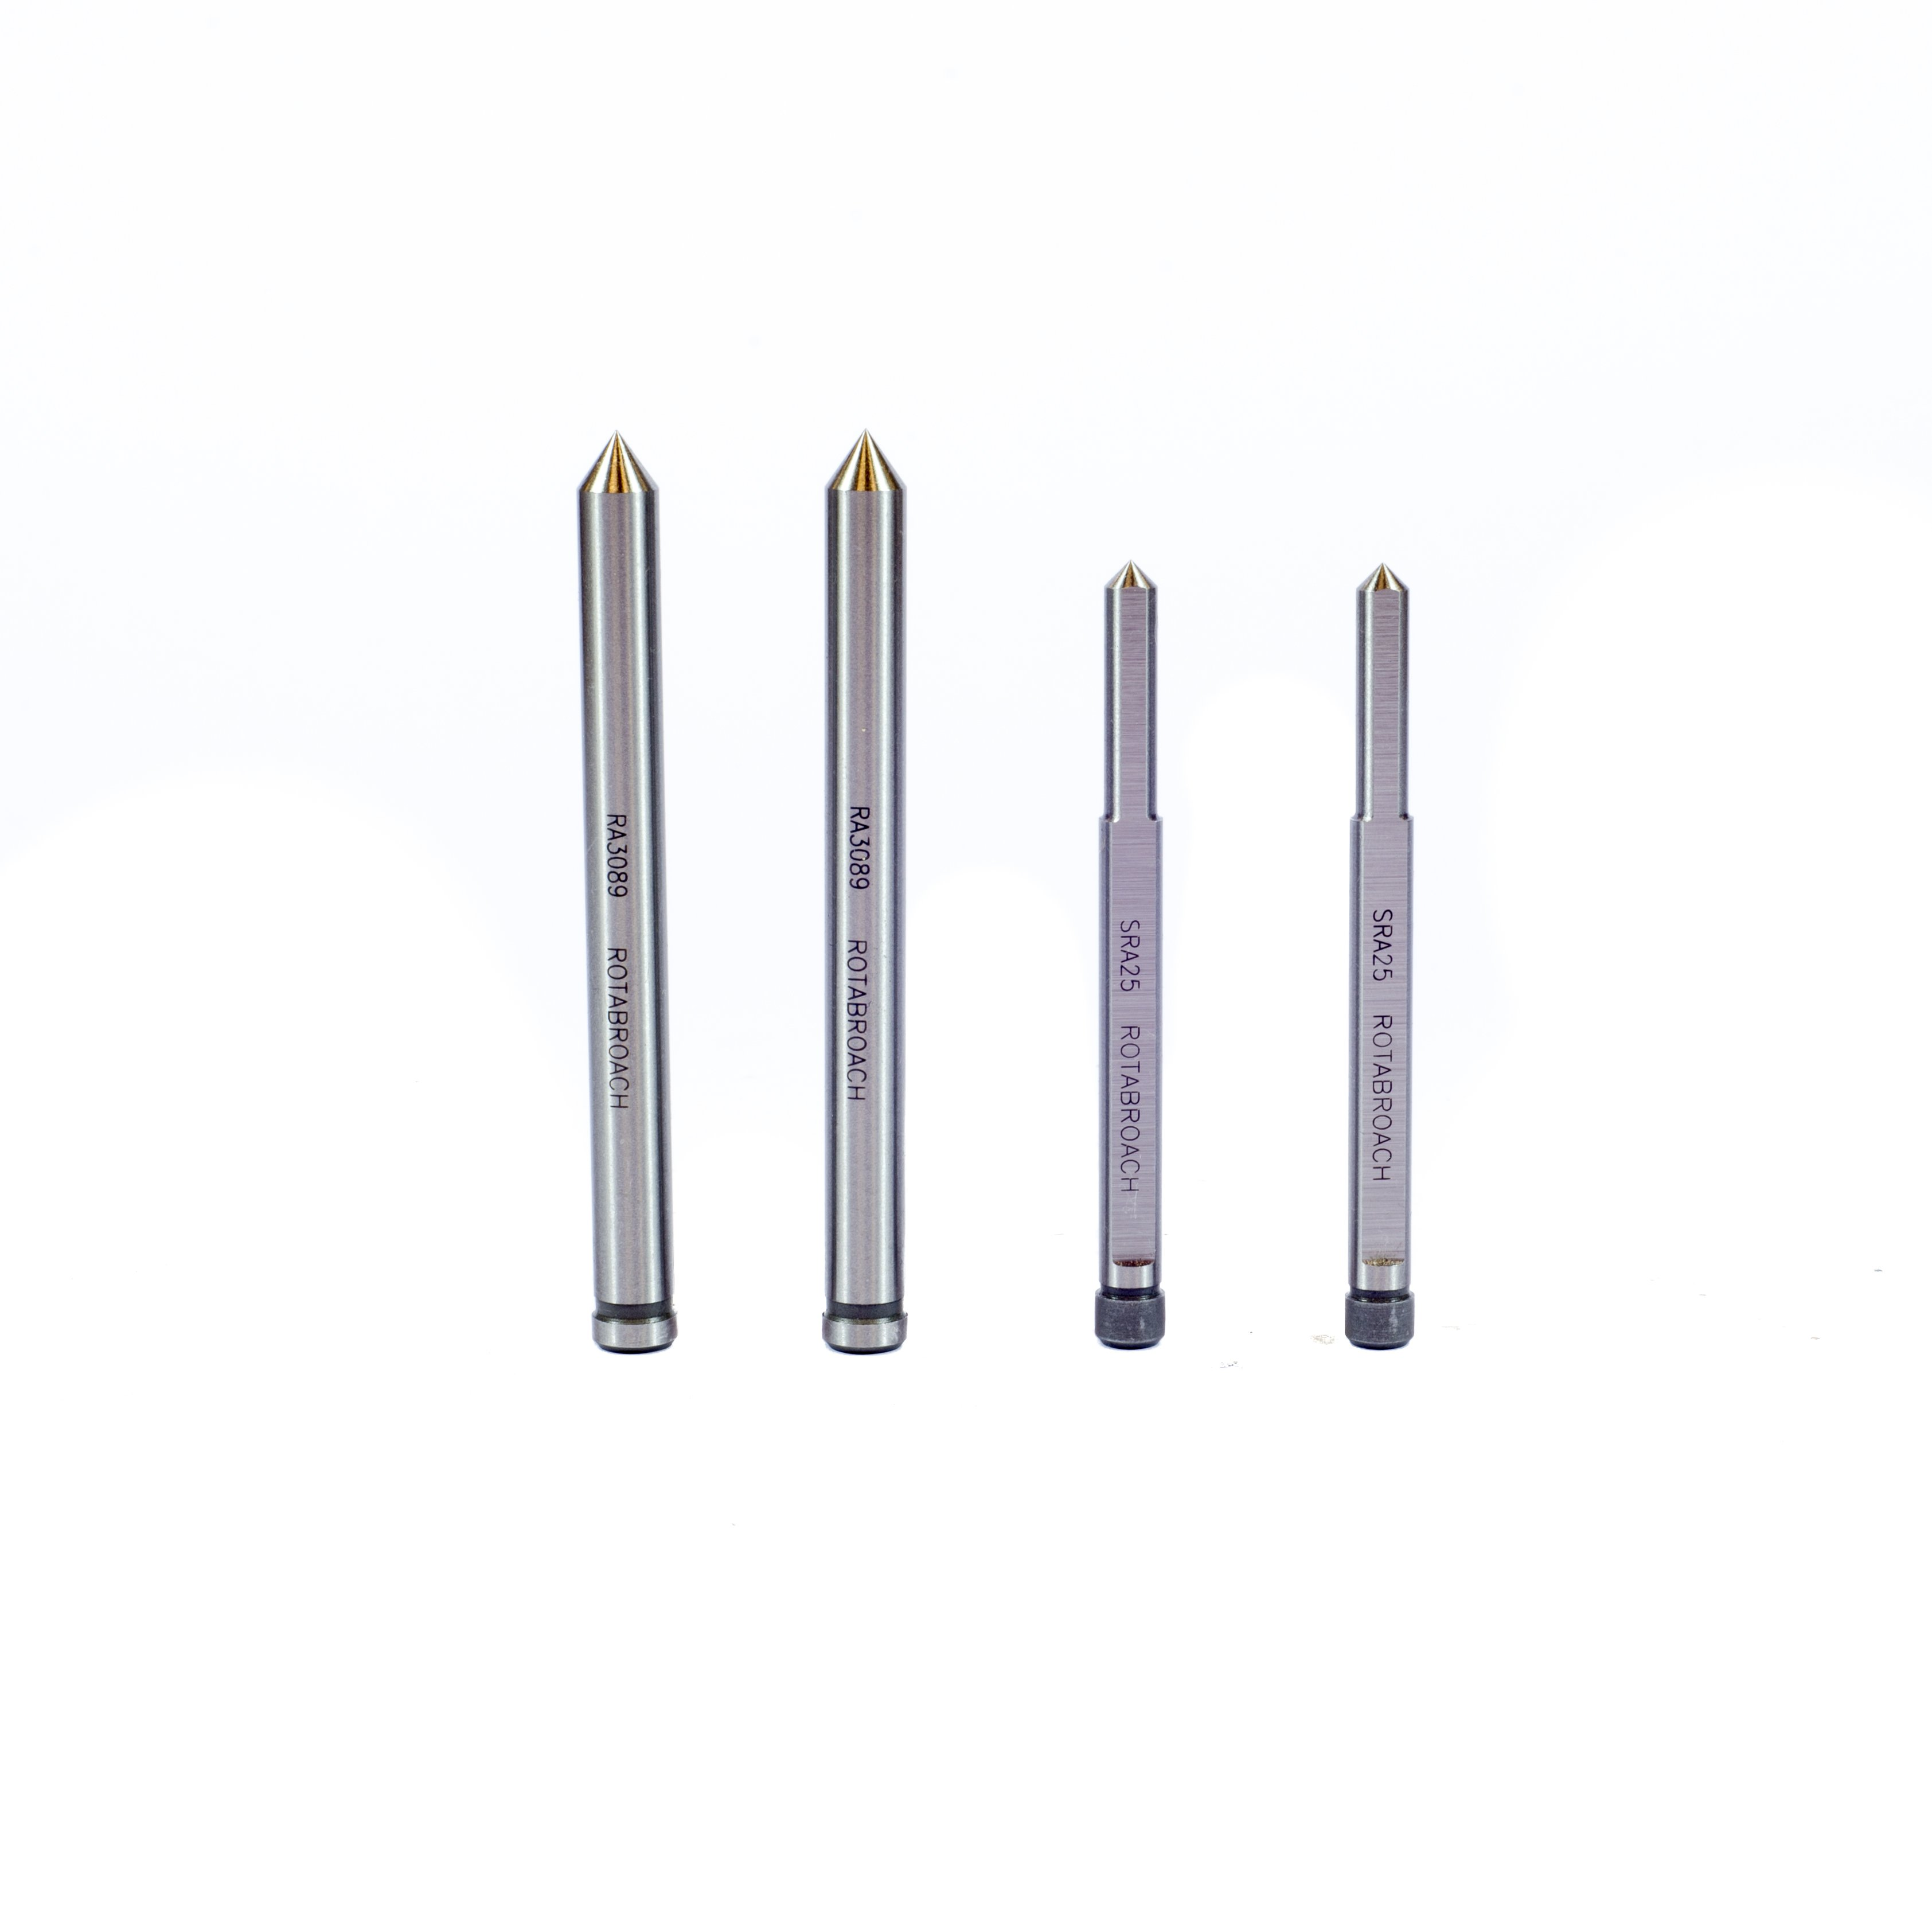 Billede af Powerbor stift, kort 78mm  for kernebor M2 Ø13-50 mm x 25 mm  skæredybde